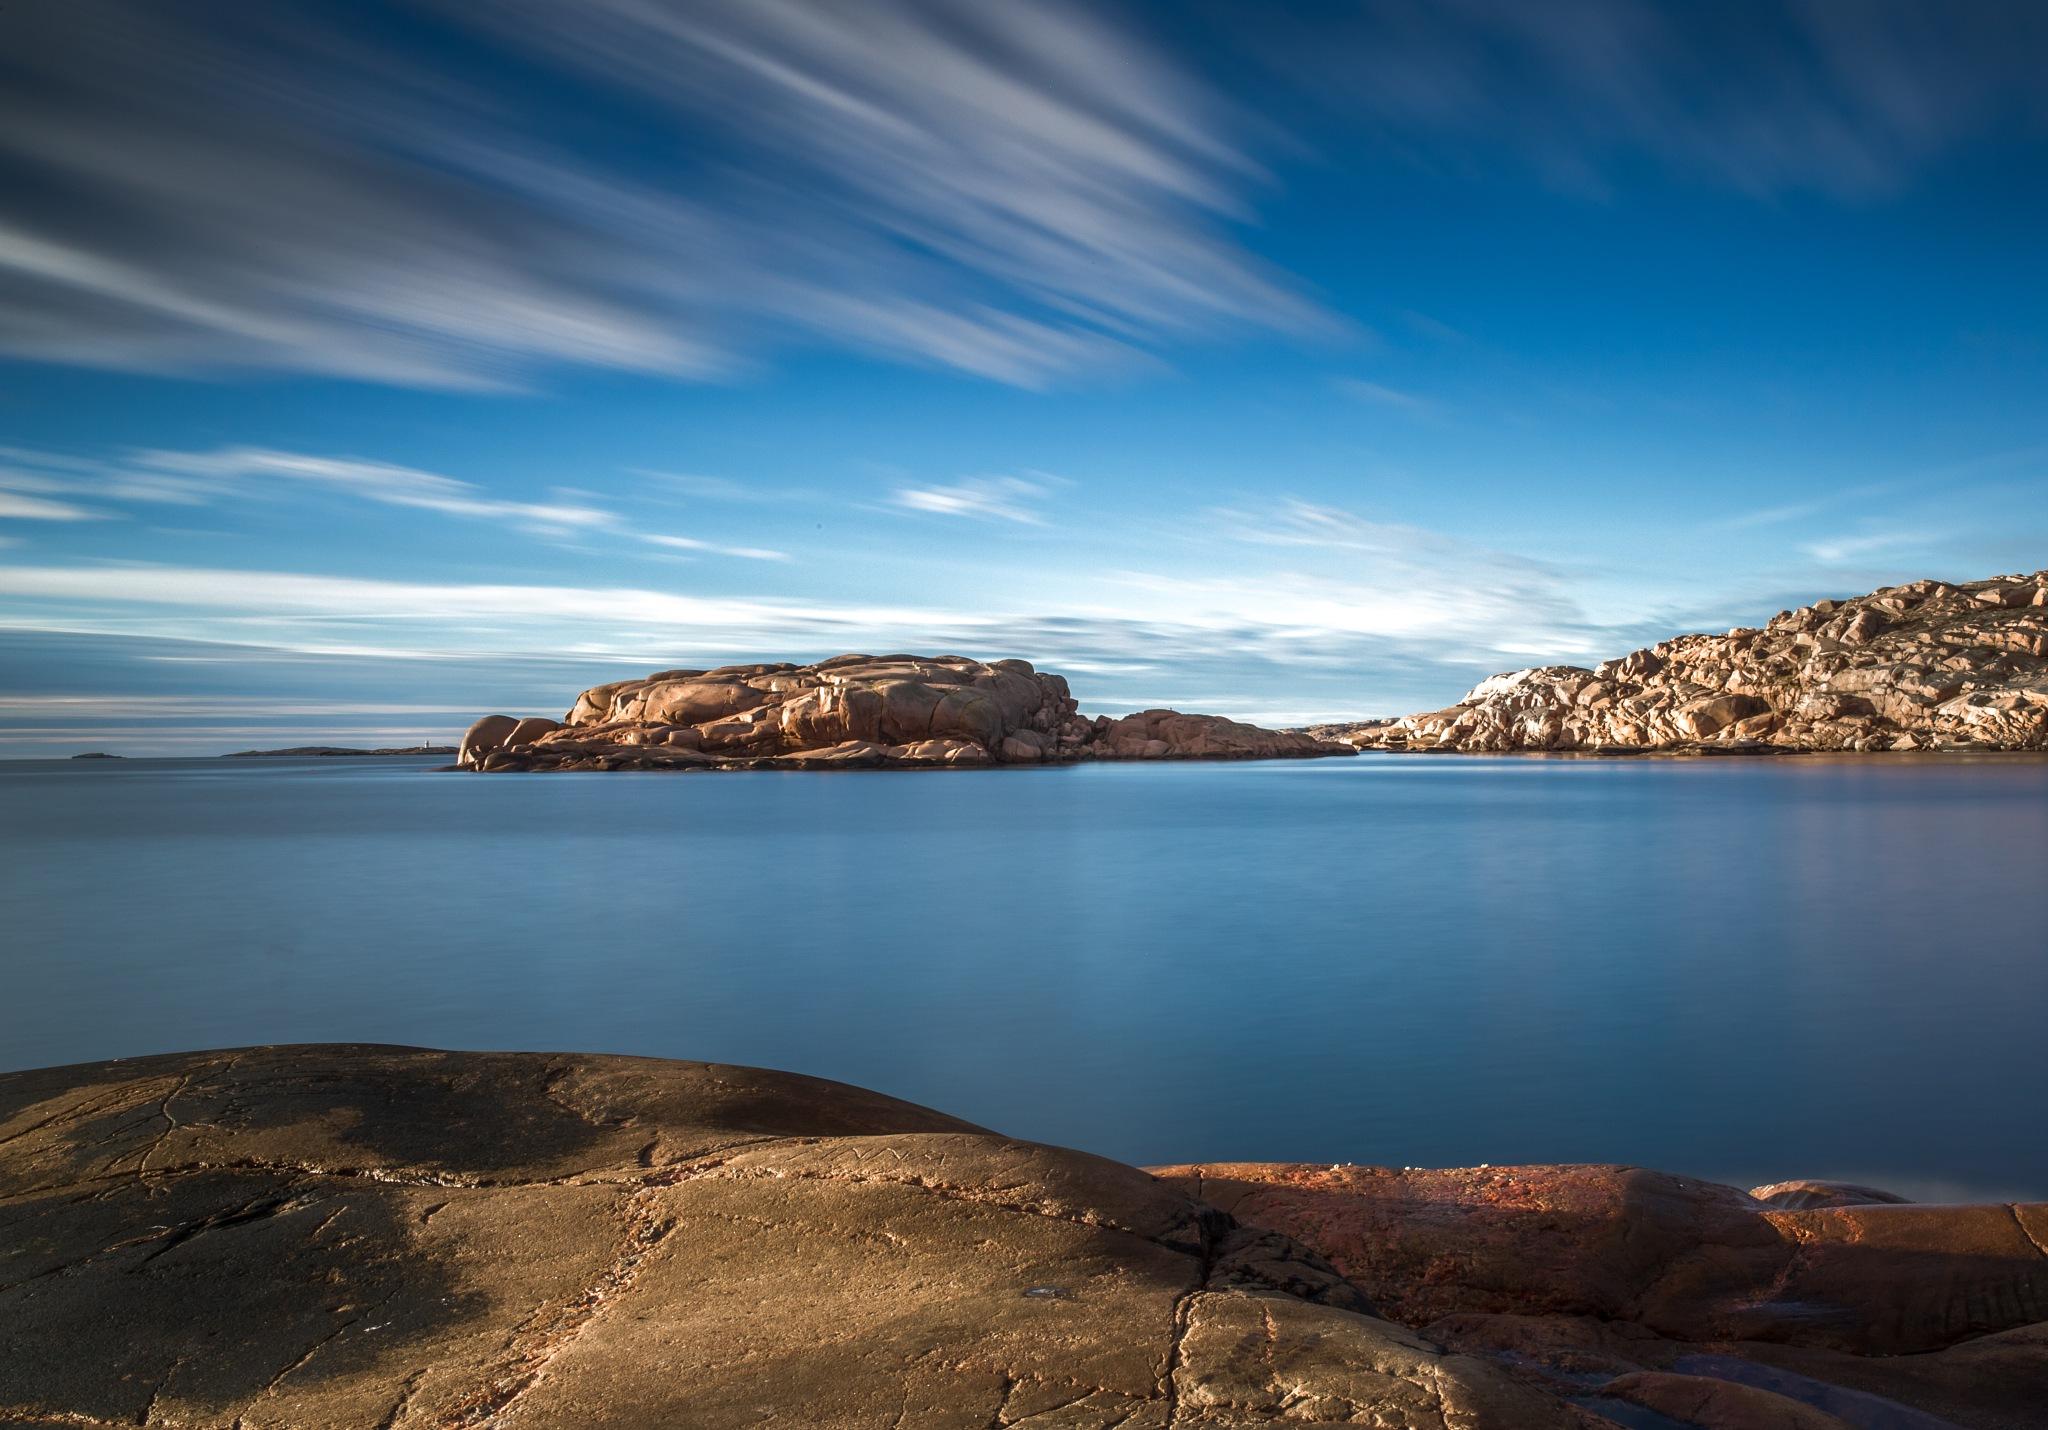 Smooth sea by Pär Ohlson